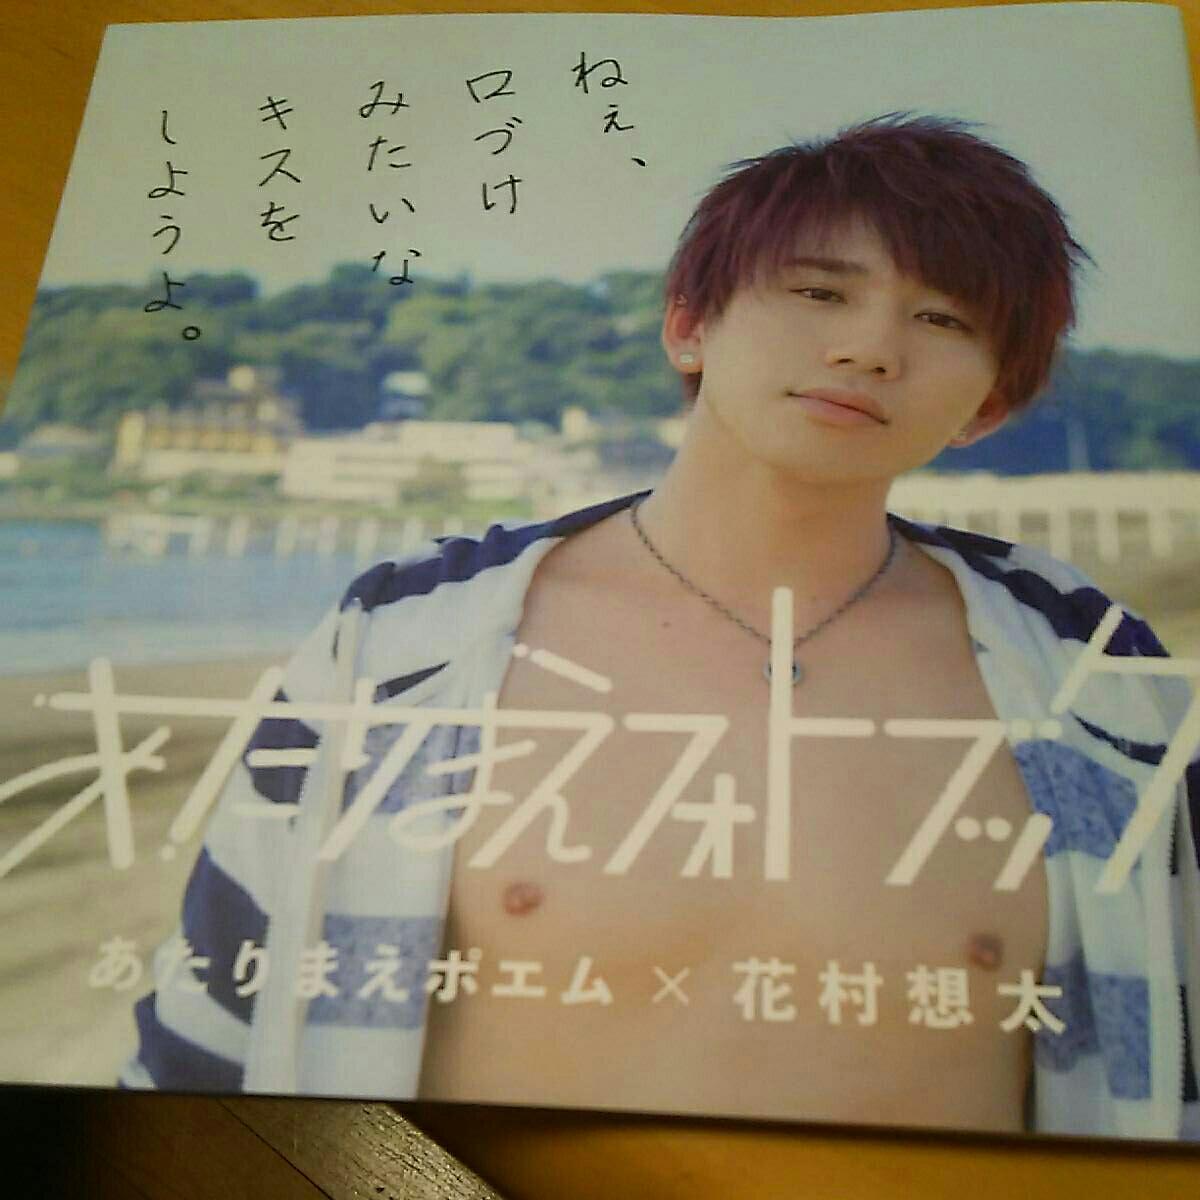 Da-iCE 花村想太 あたりまえフォトブック限定版(ポストカードつき) ライブグッズの画像